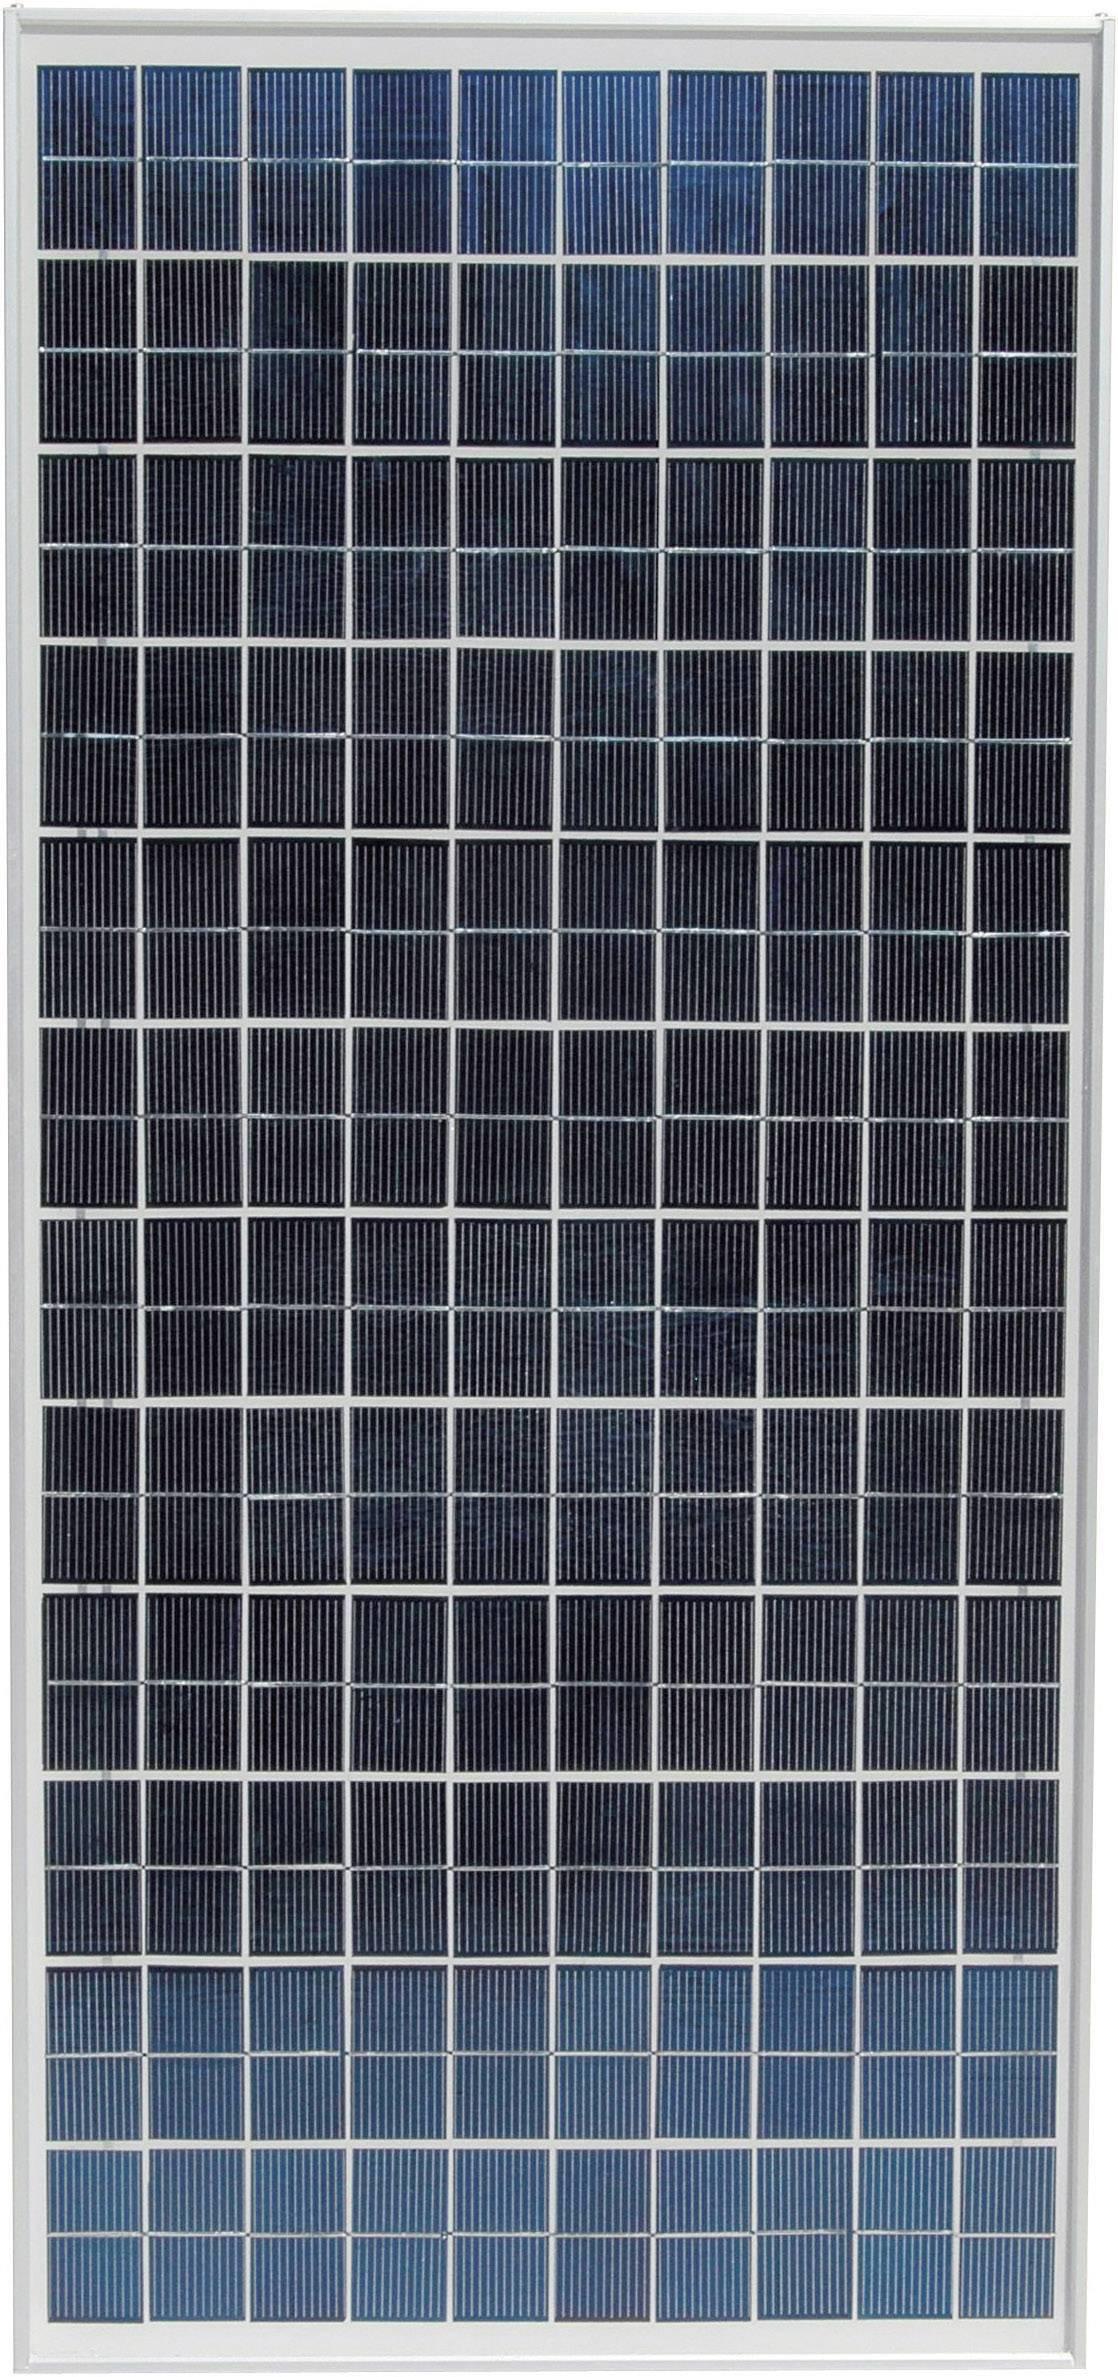 Polykryštalický solárny panel Sunset PX 55, 3200 mA, 55 Wp, 12 V